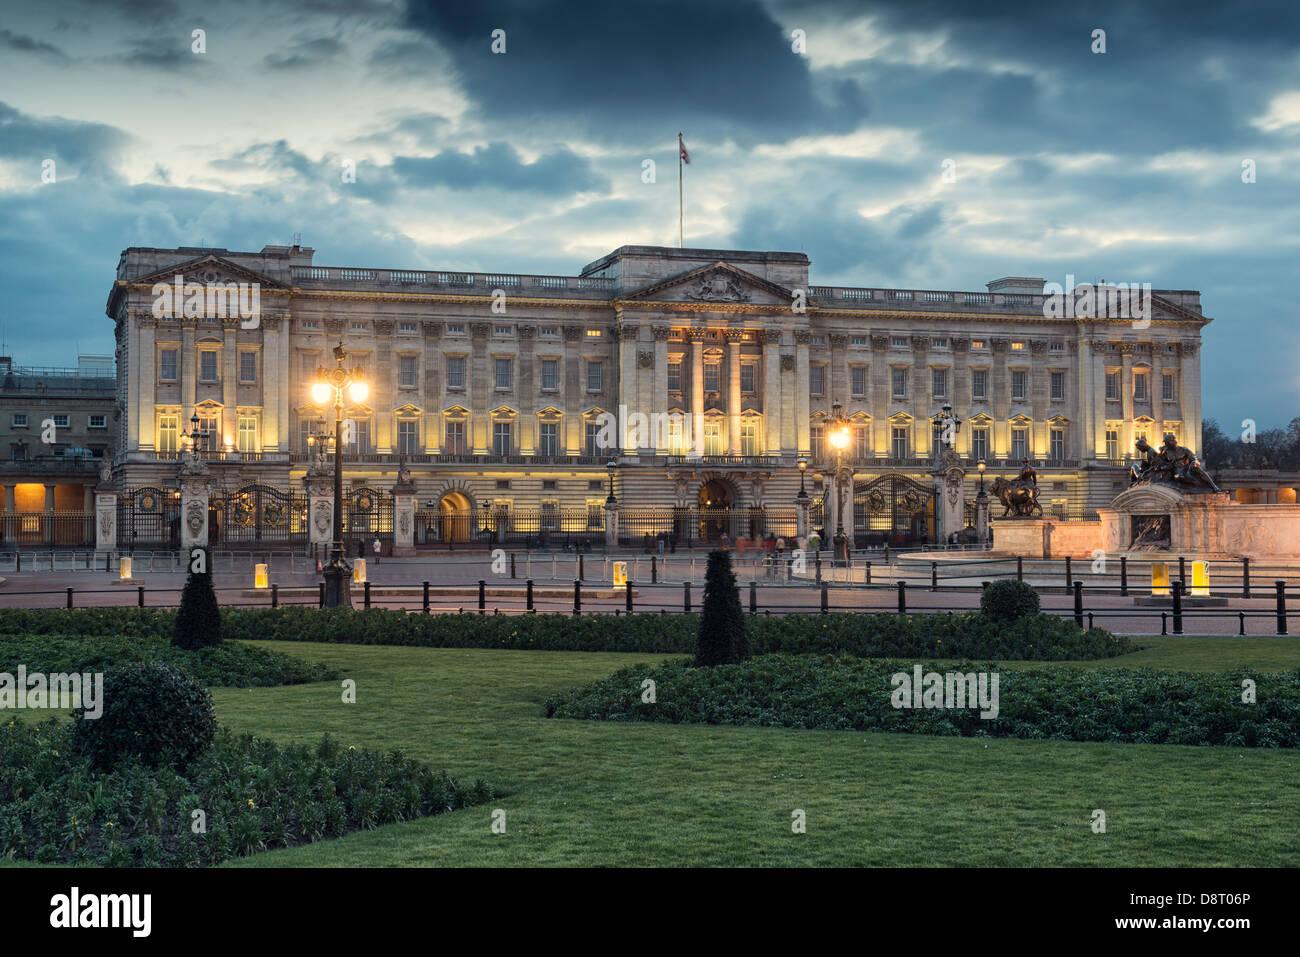 Buckingham Palace at night,London,England, - Stock Image